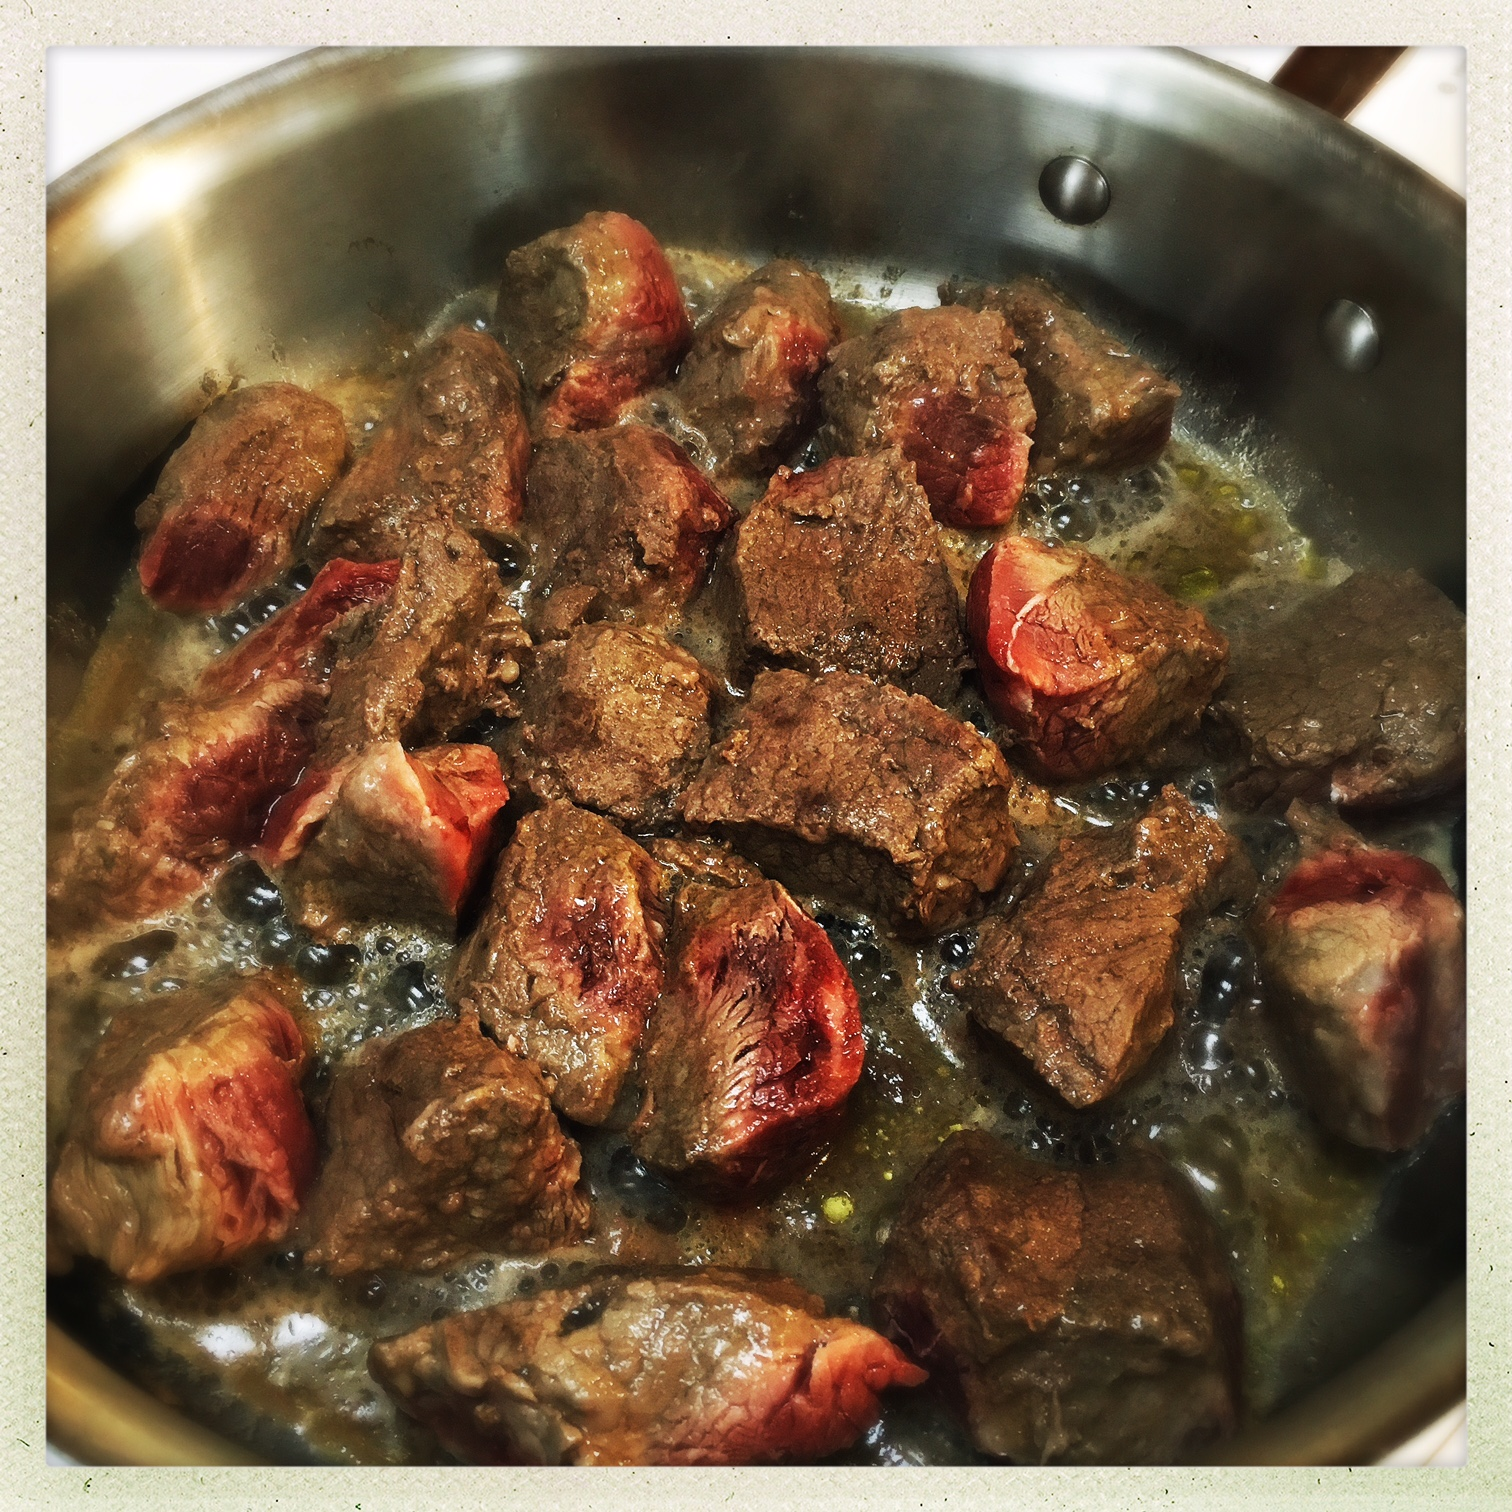 searing steak in pan.jpg